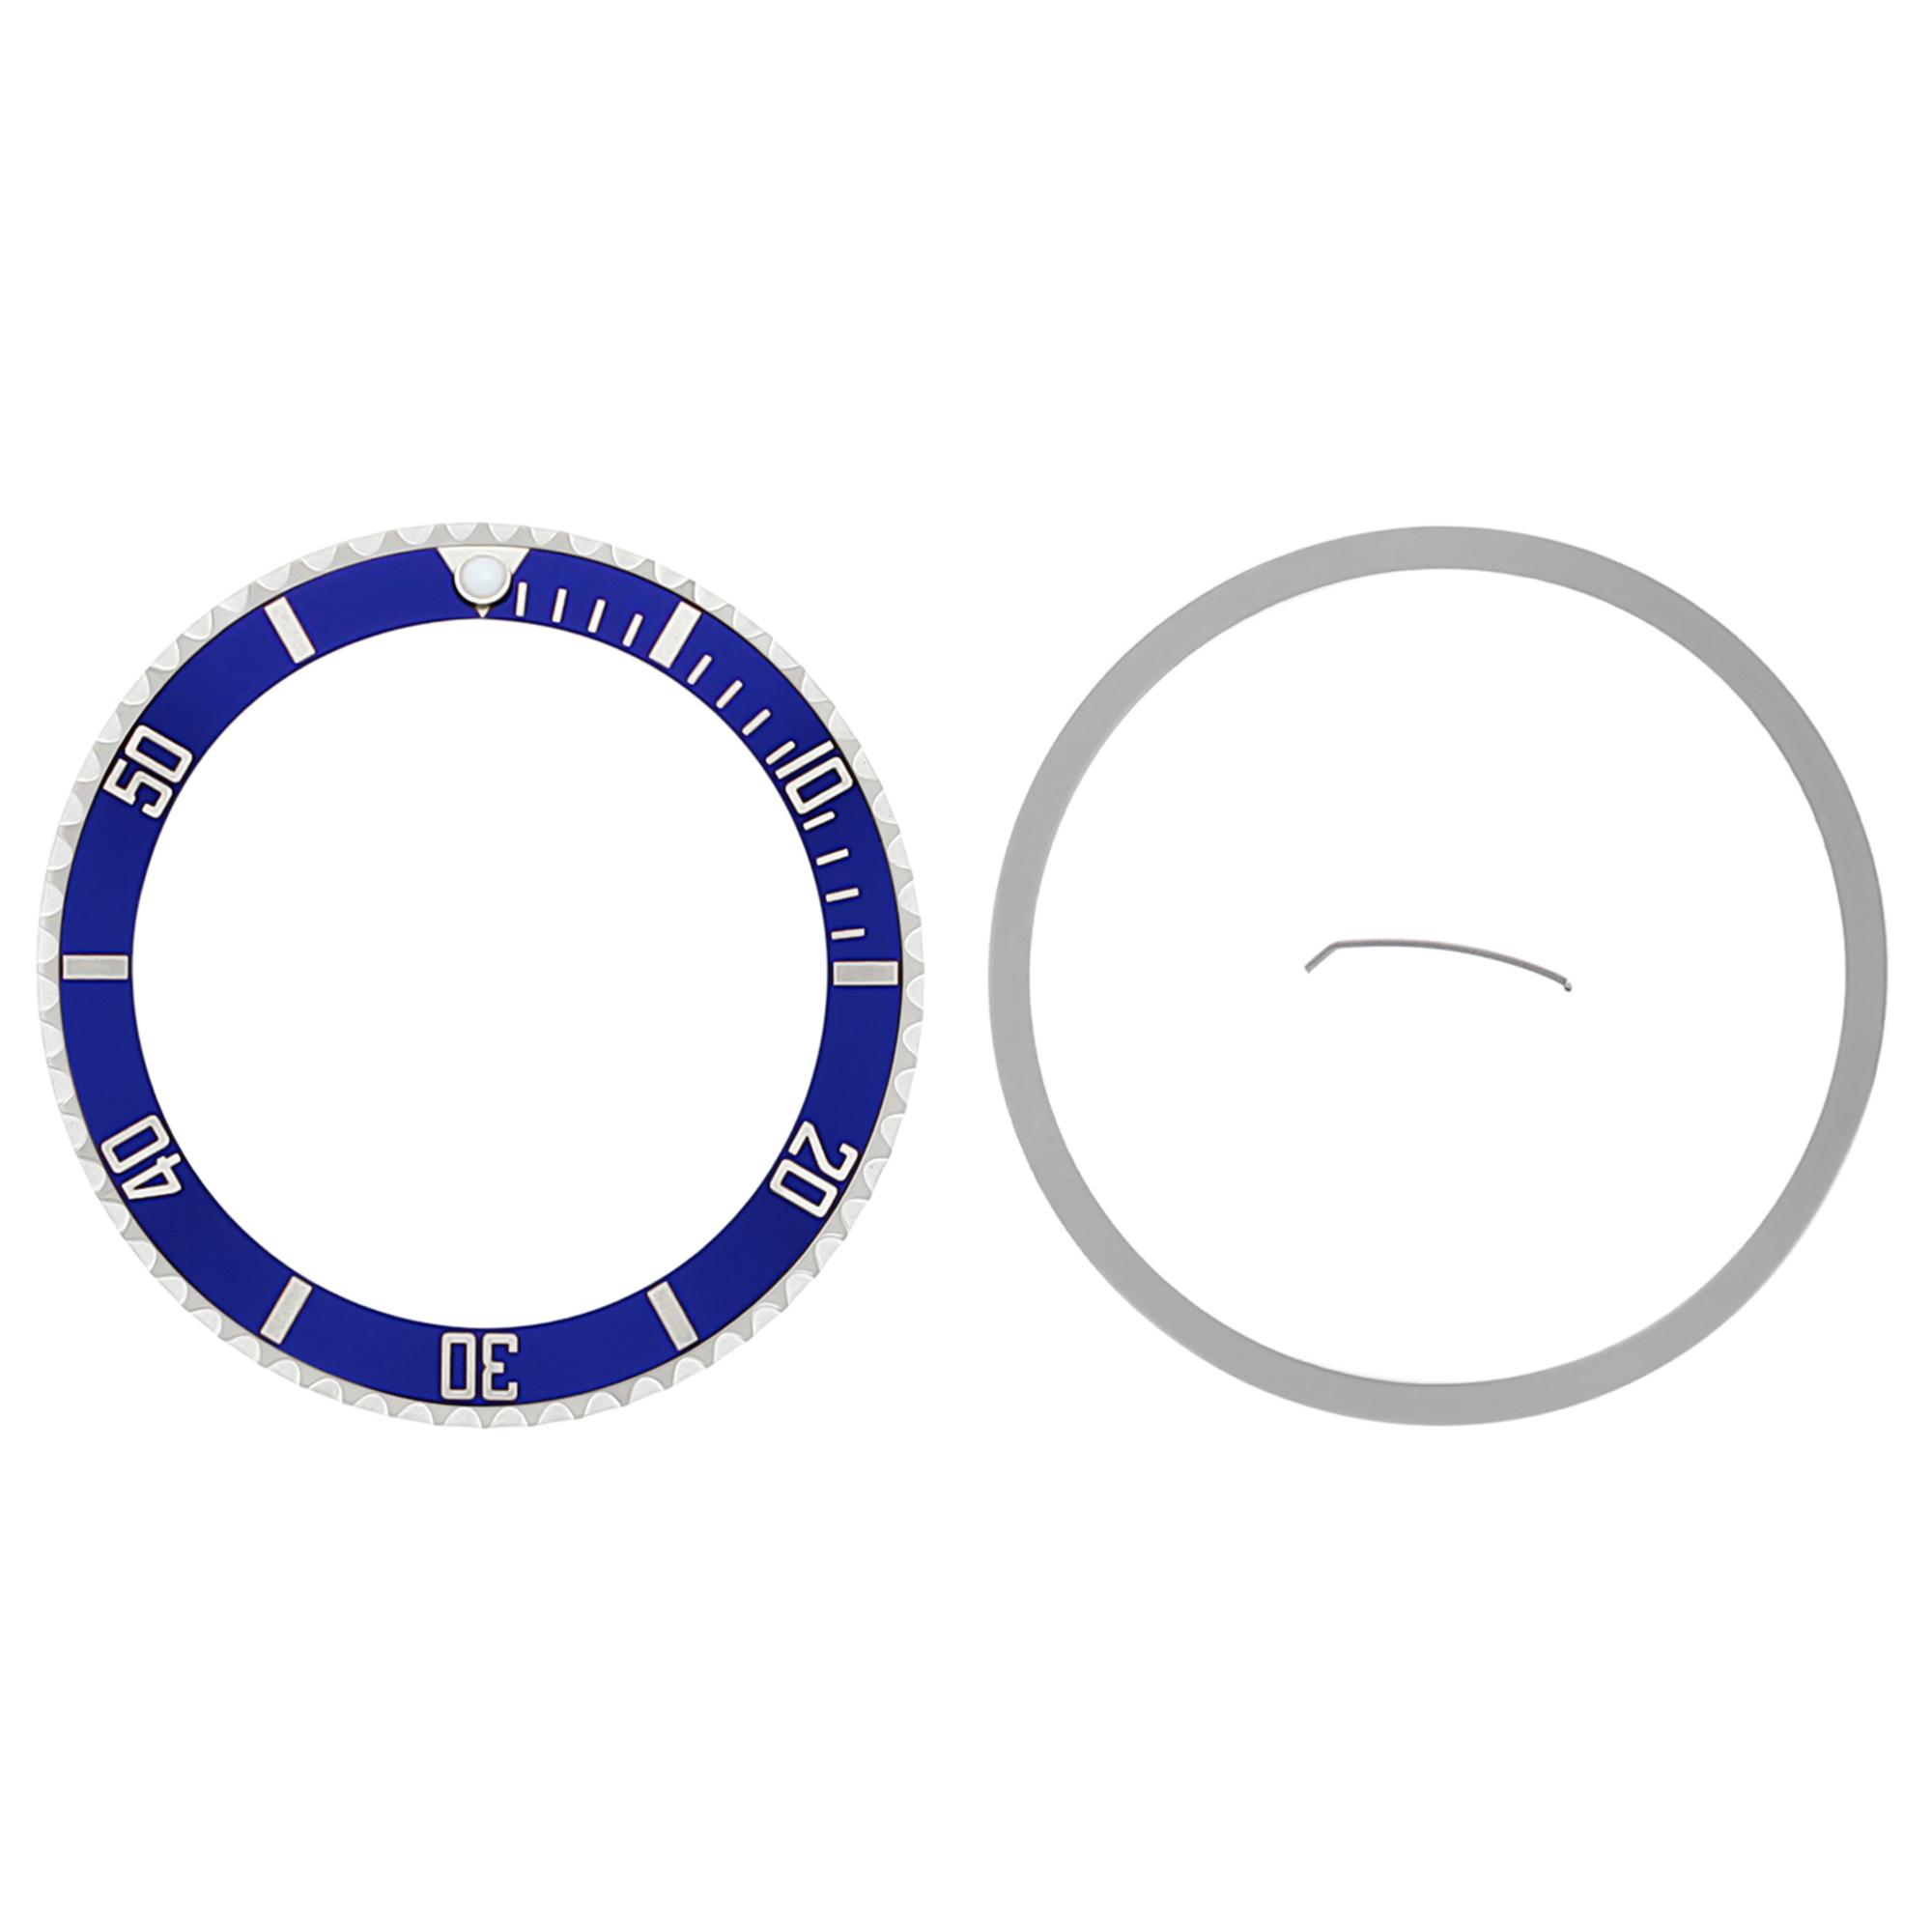 BEZEL + INSERT FOR ROLEX SUBMARINER 16800 16803 16808 16818 16610 166130 BLUE